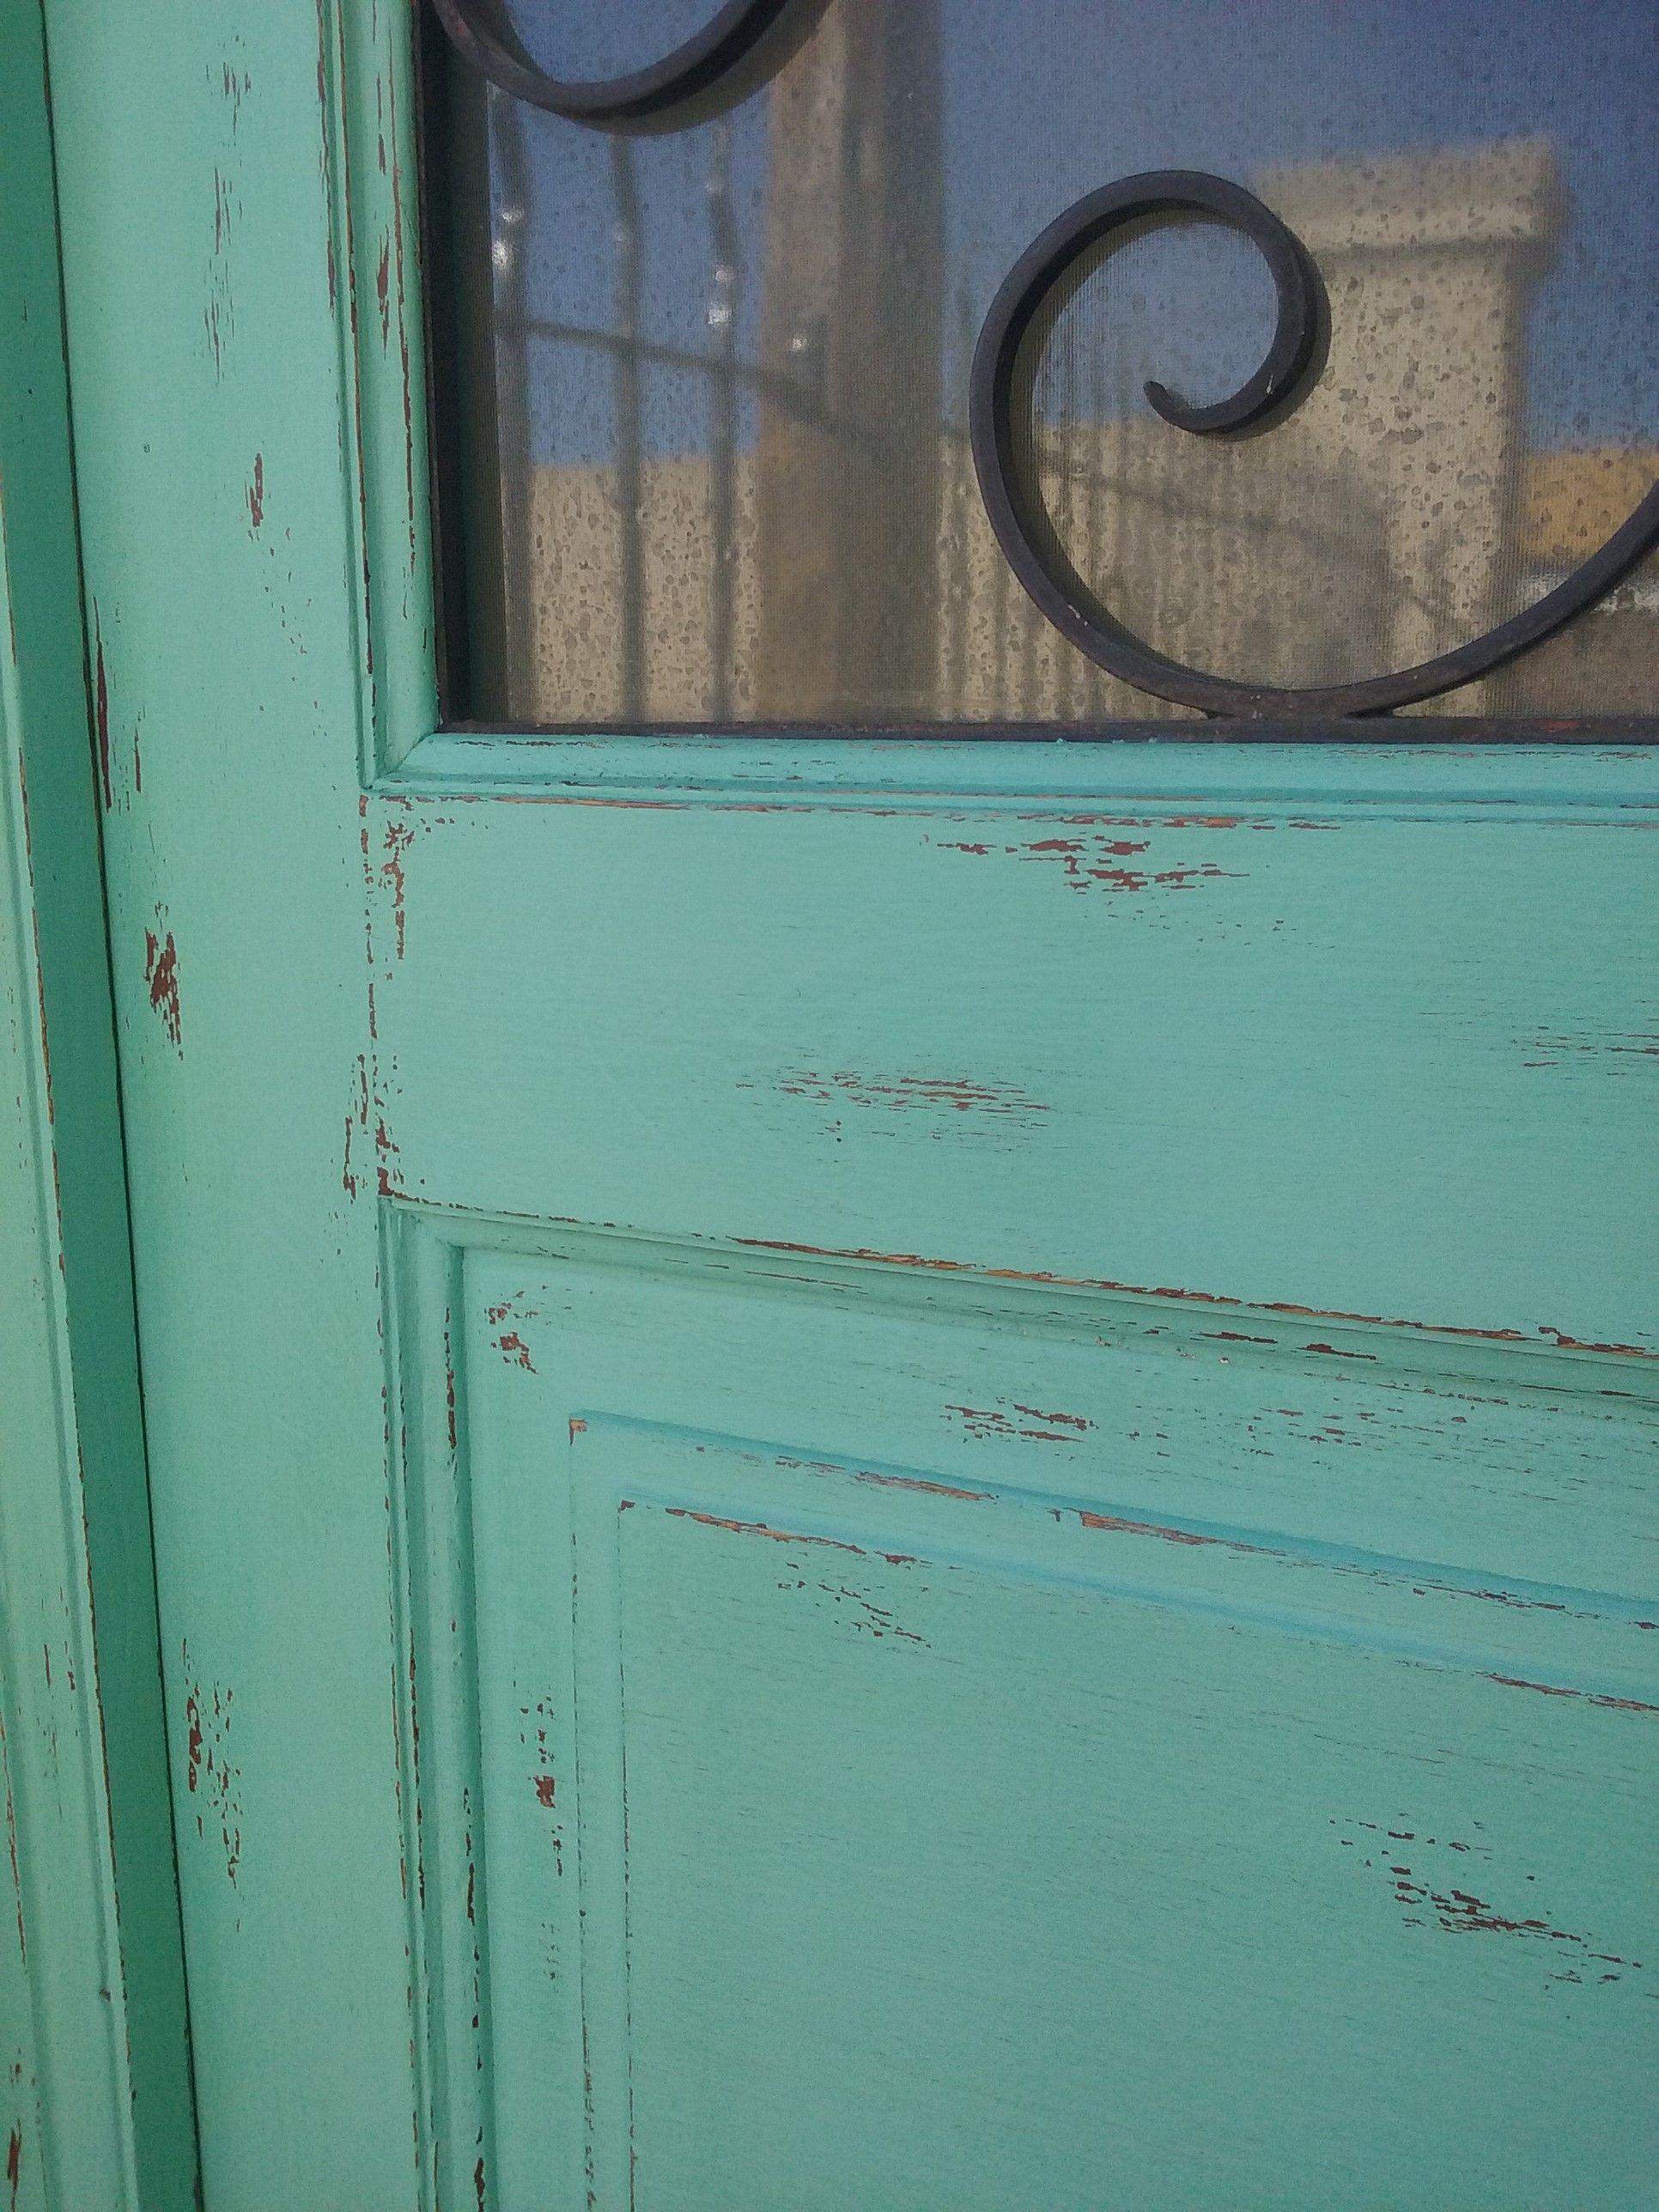 Detalle de puerta pintada. Decapado. Decorar tu casa